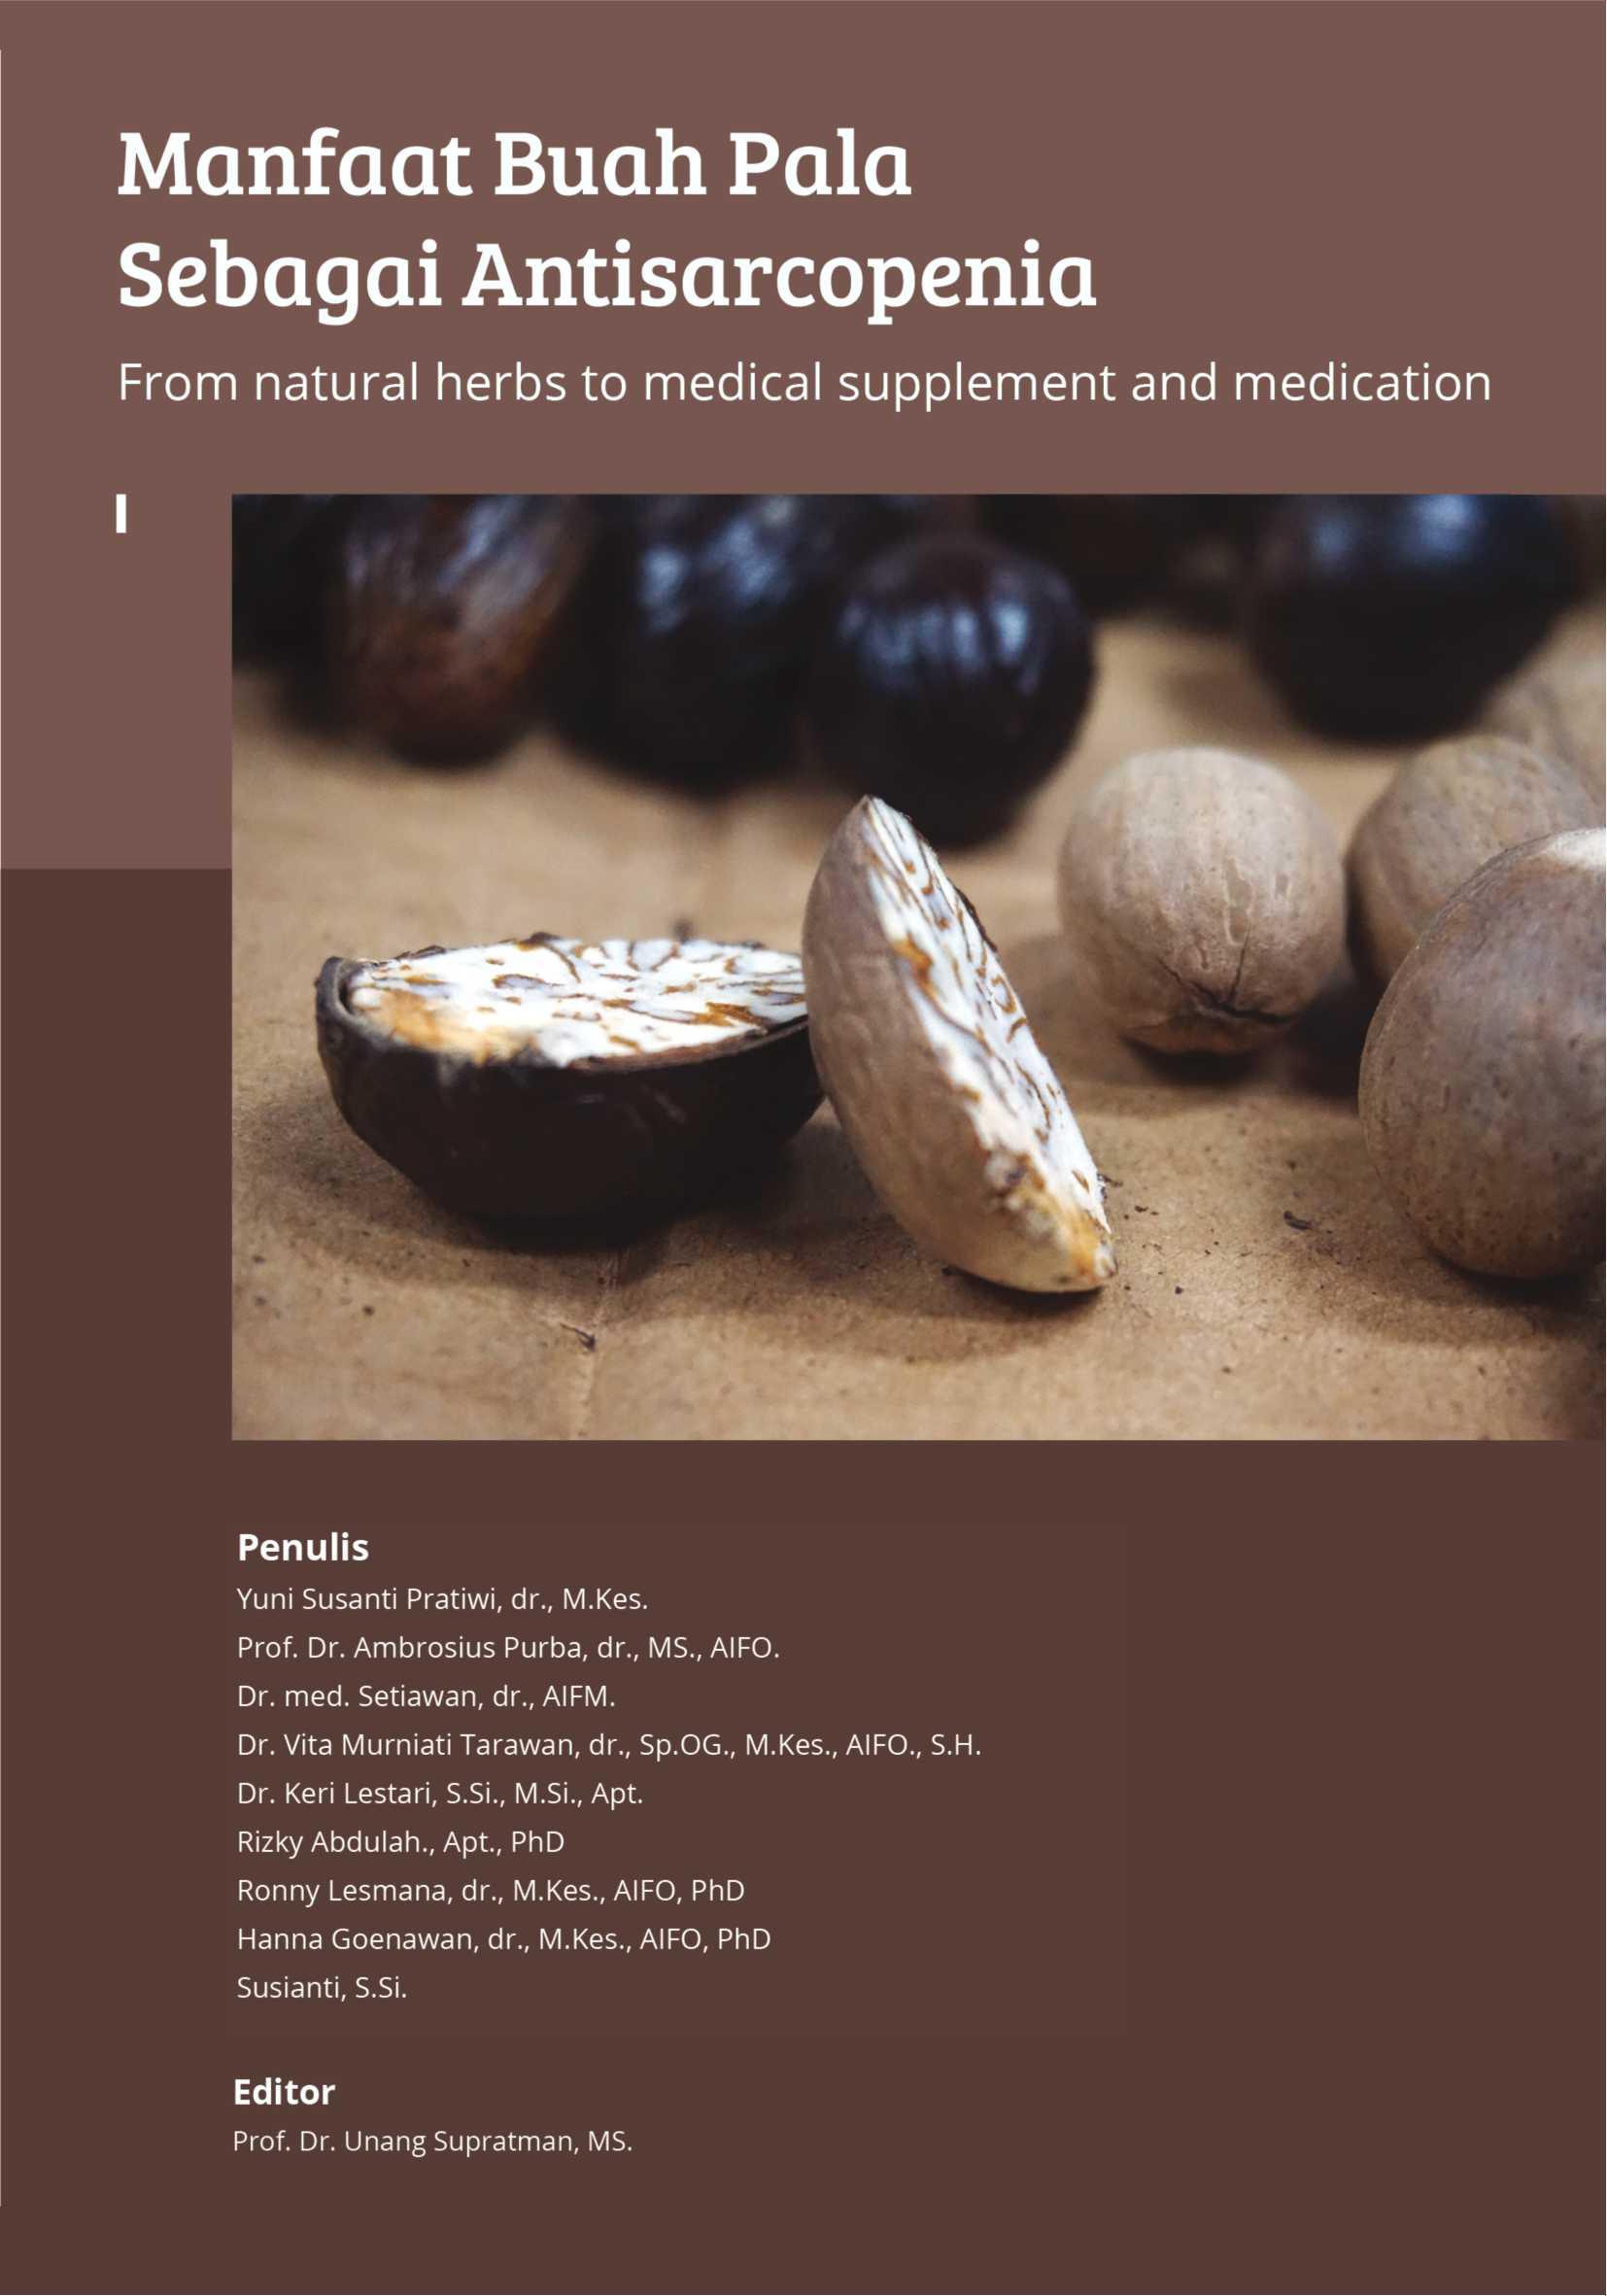 Manfaat buah pala sebagai antisarcopenia [sumber elektronis]